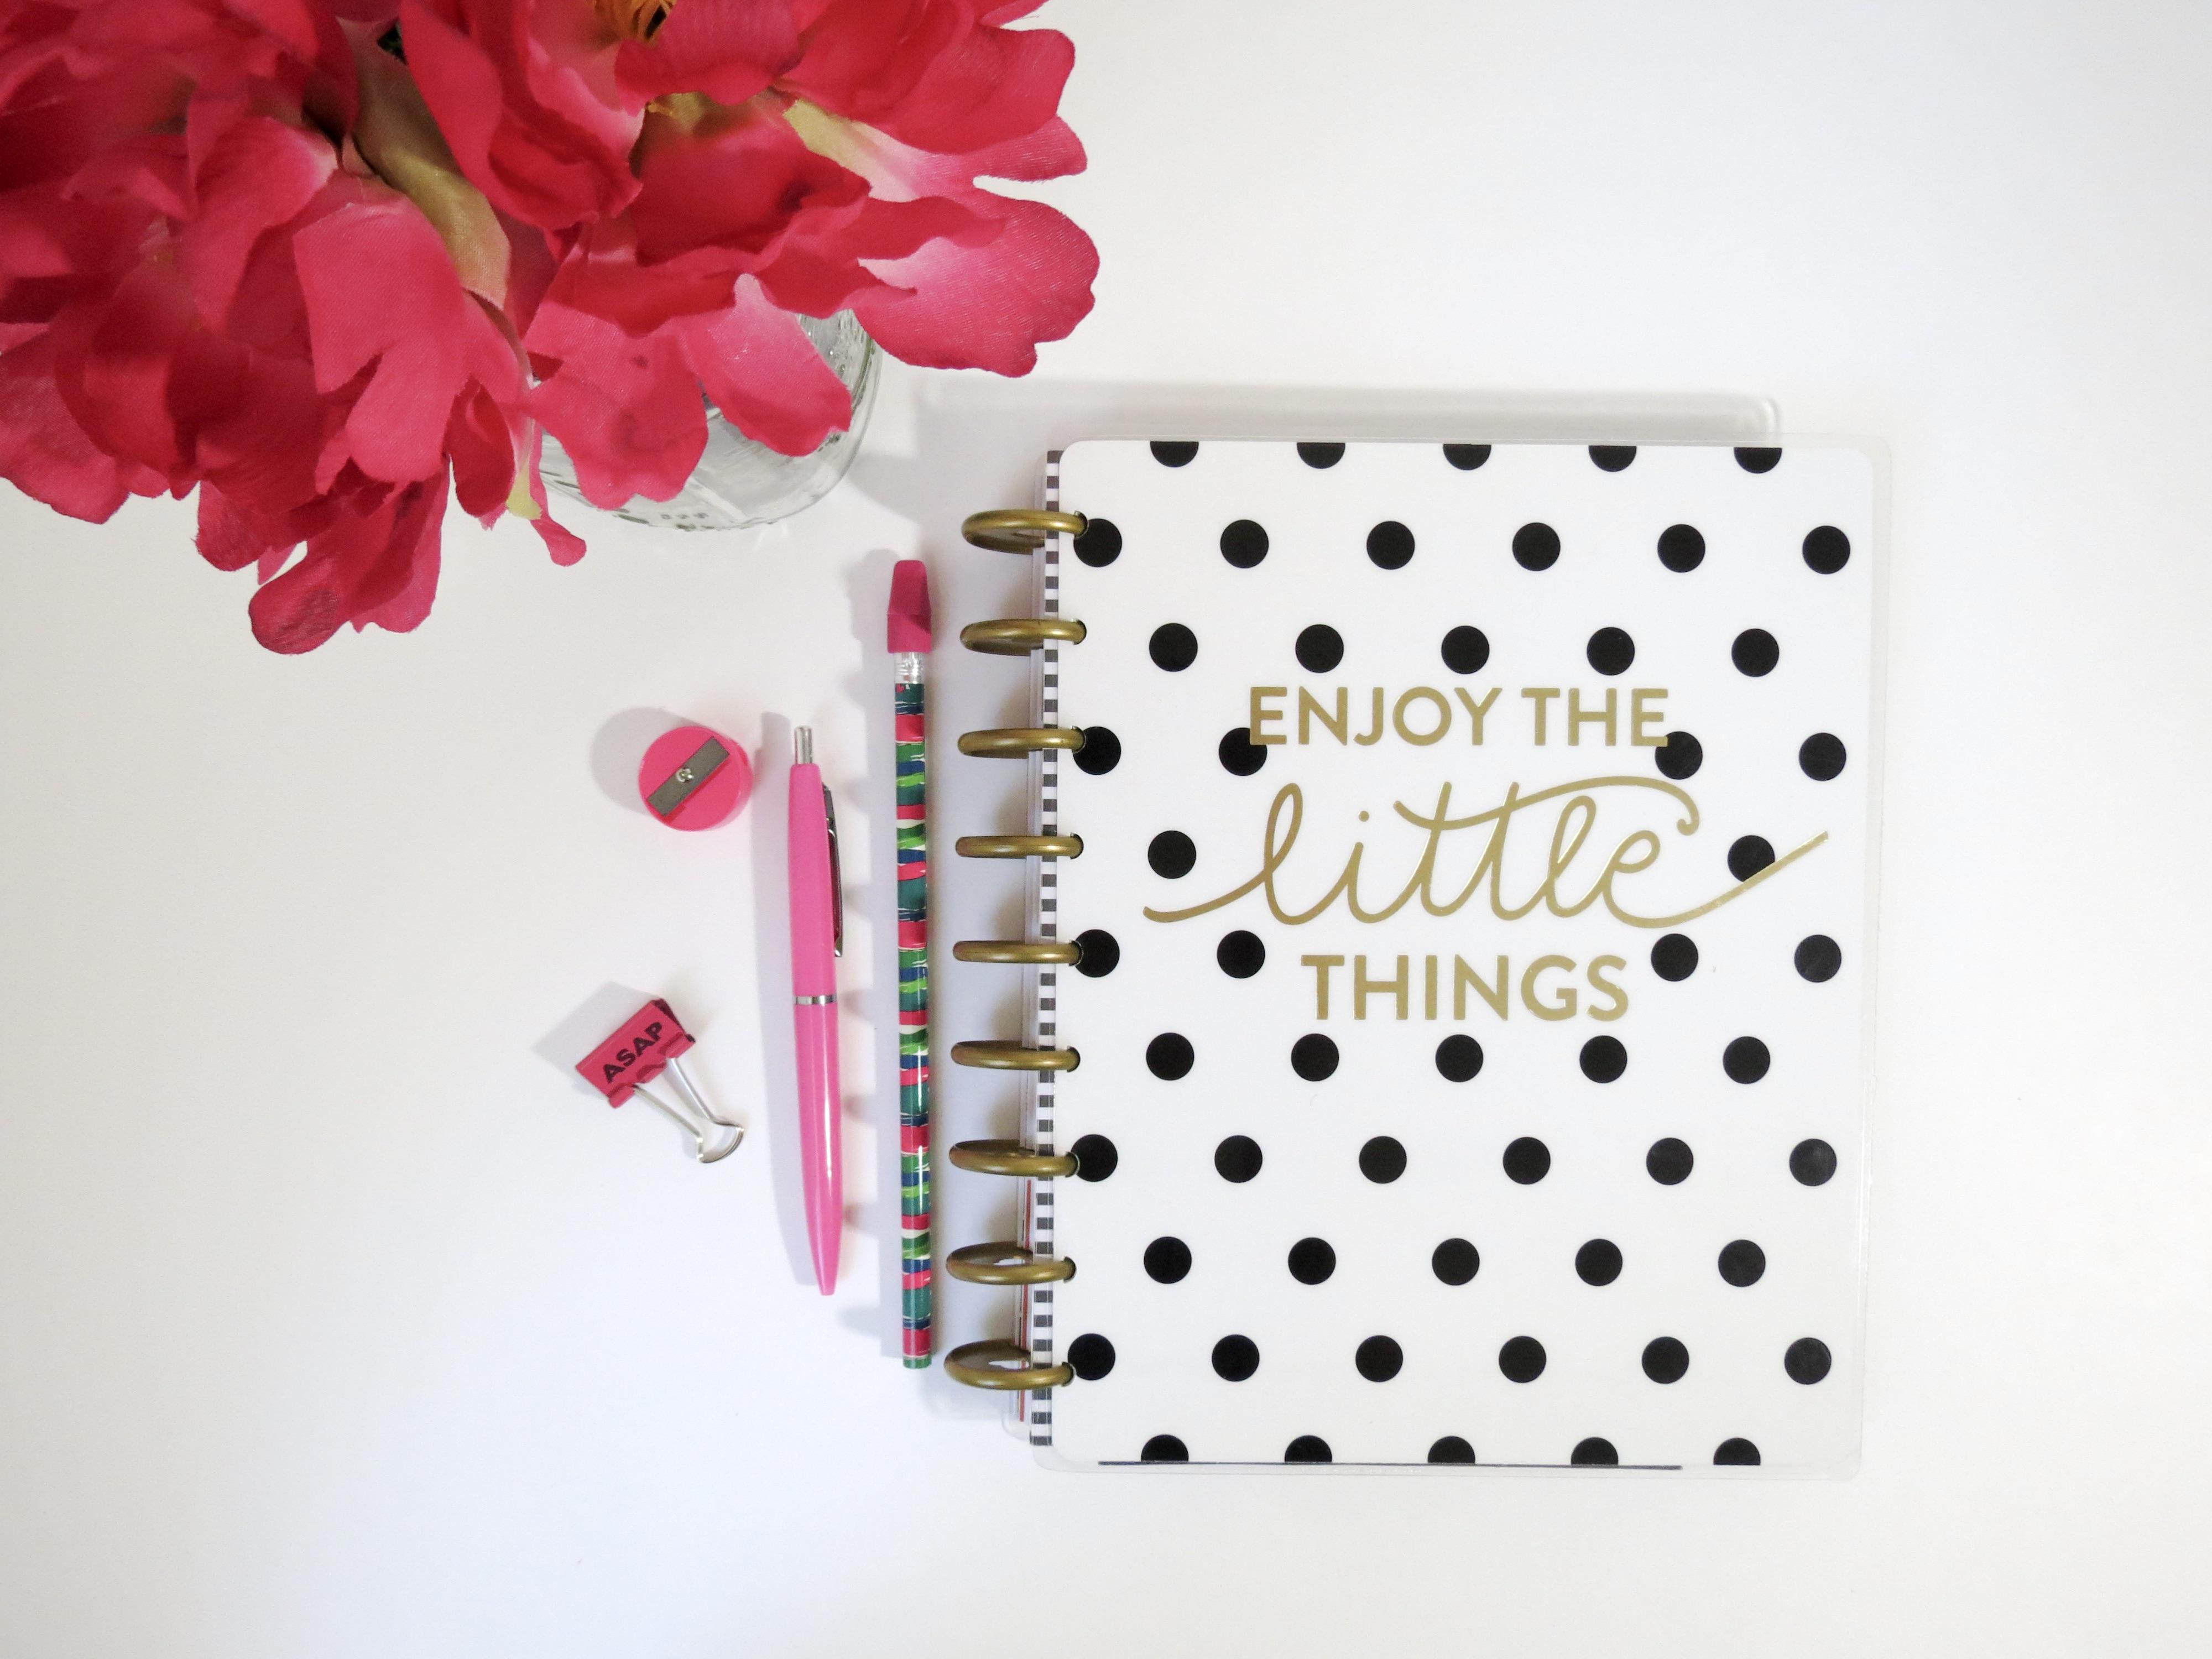 Fotos gratis : cuaderno, lápiz, blanco, bolígrafo, amor, decoración ...